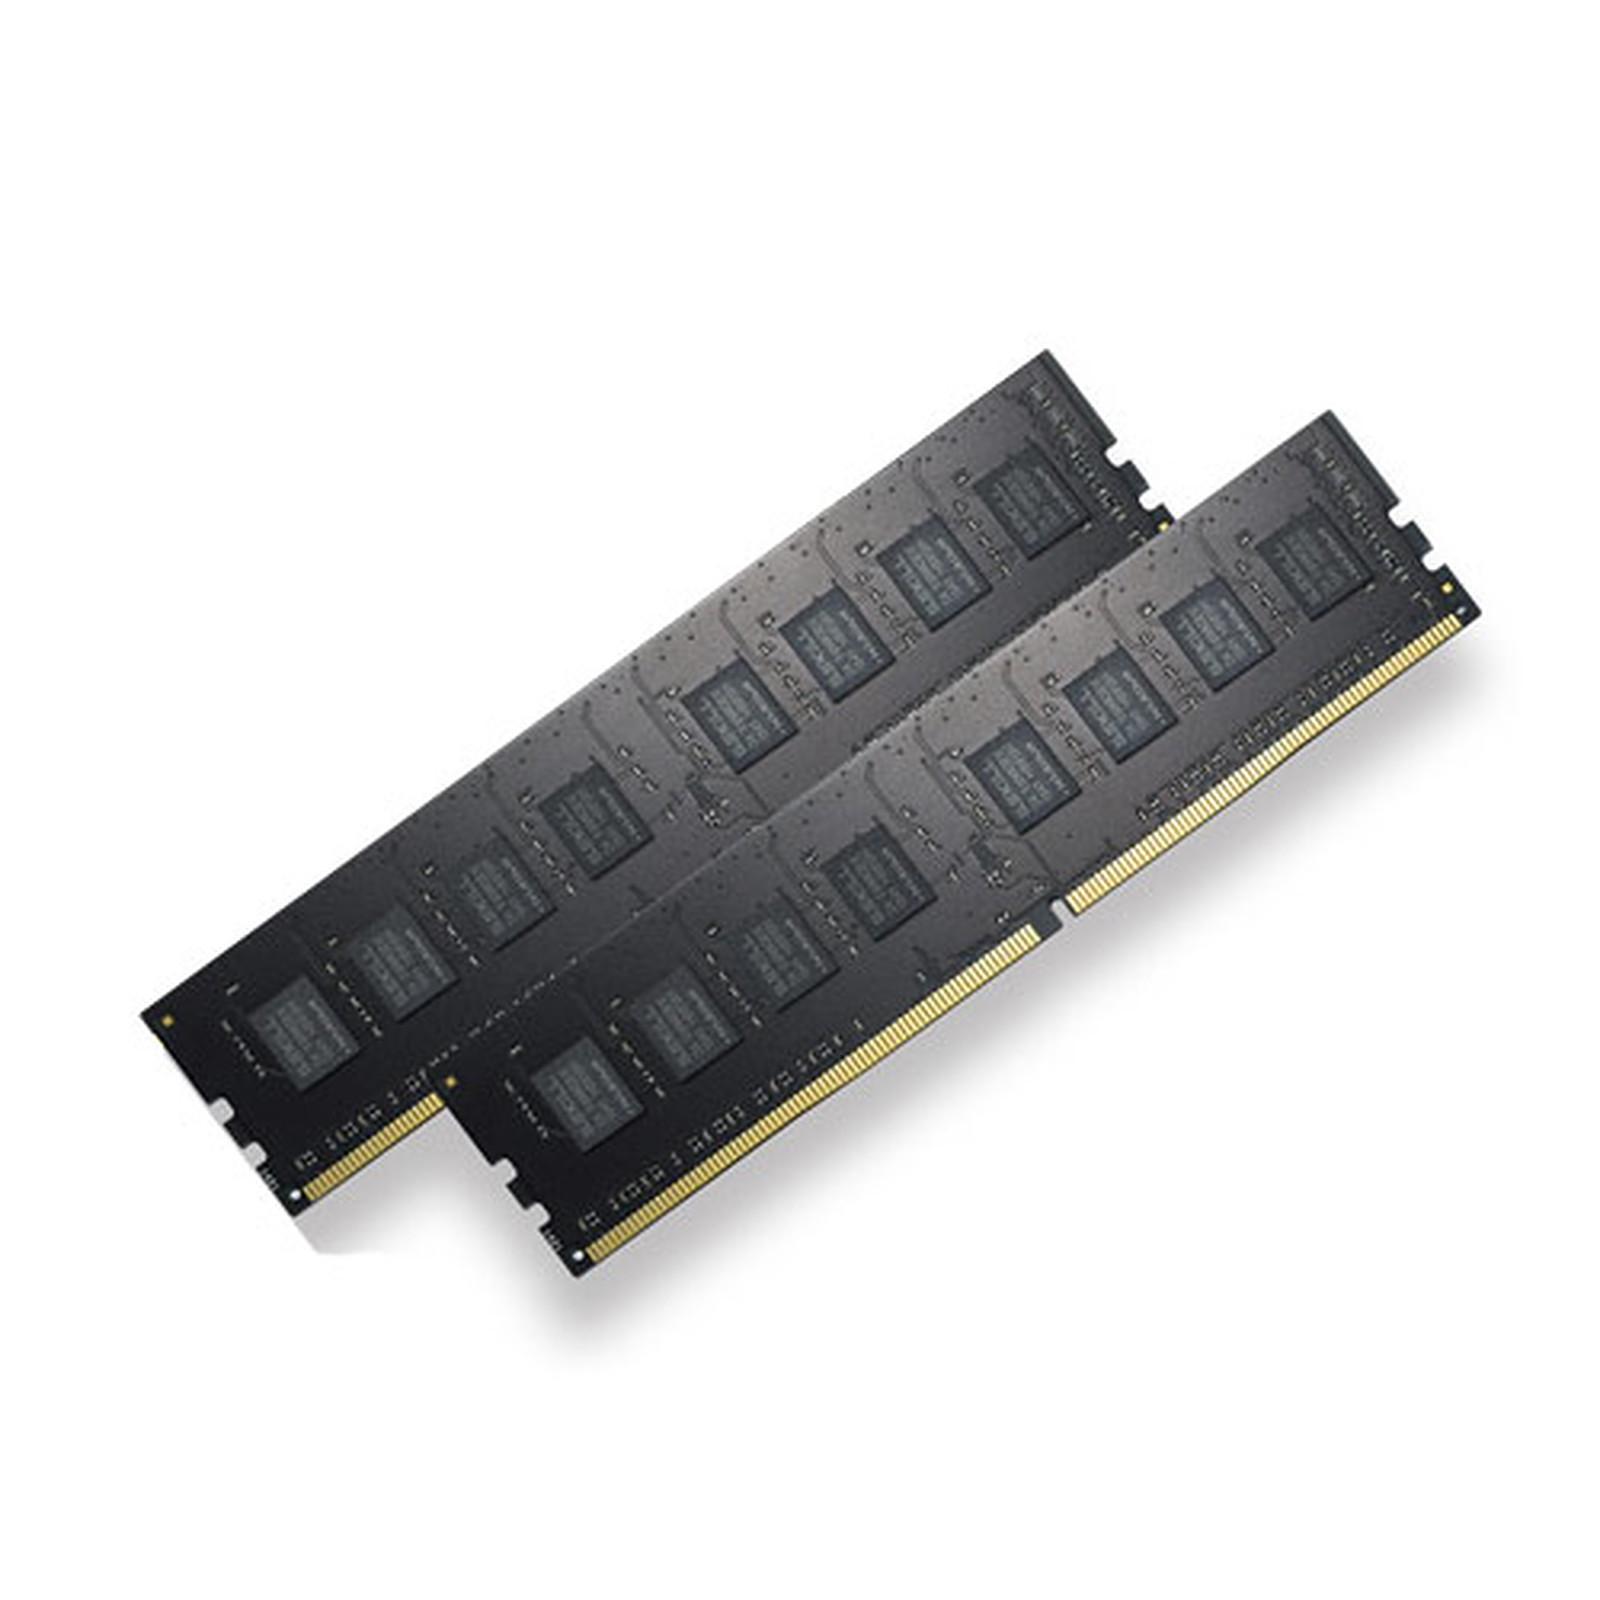 G.Skill RipJaws 4 Series 8 Go (2x 4 Go) DDR4 2133 MHz CL15